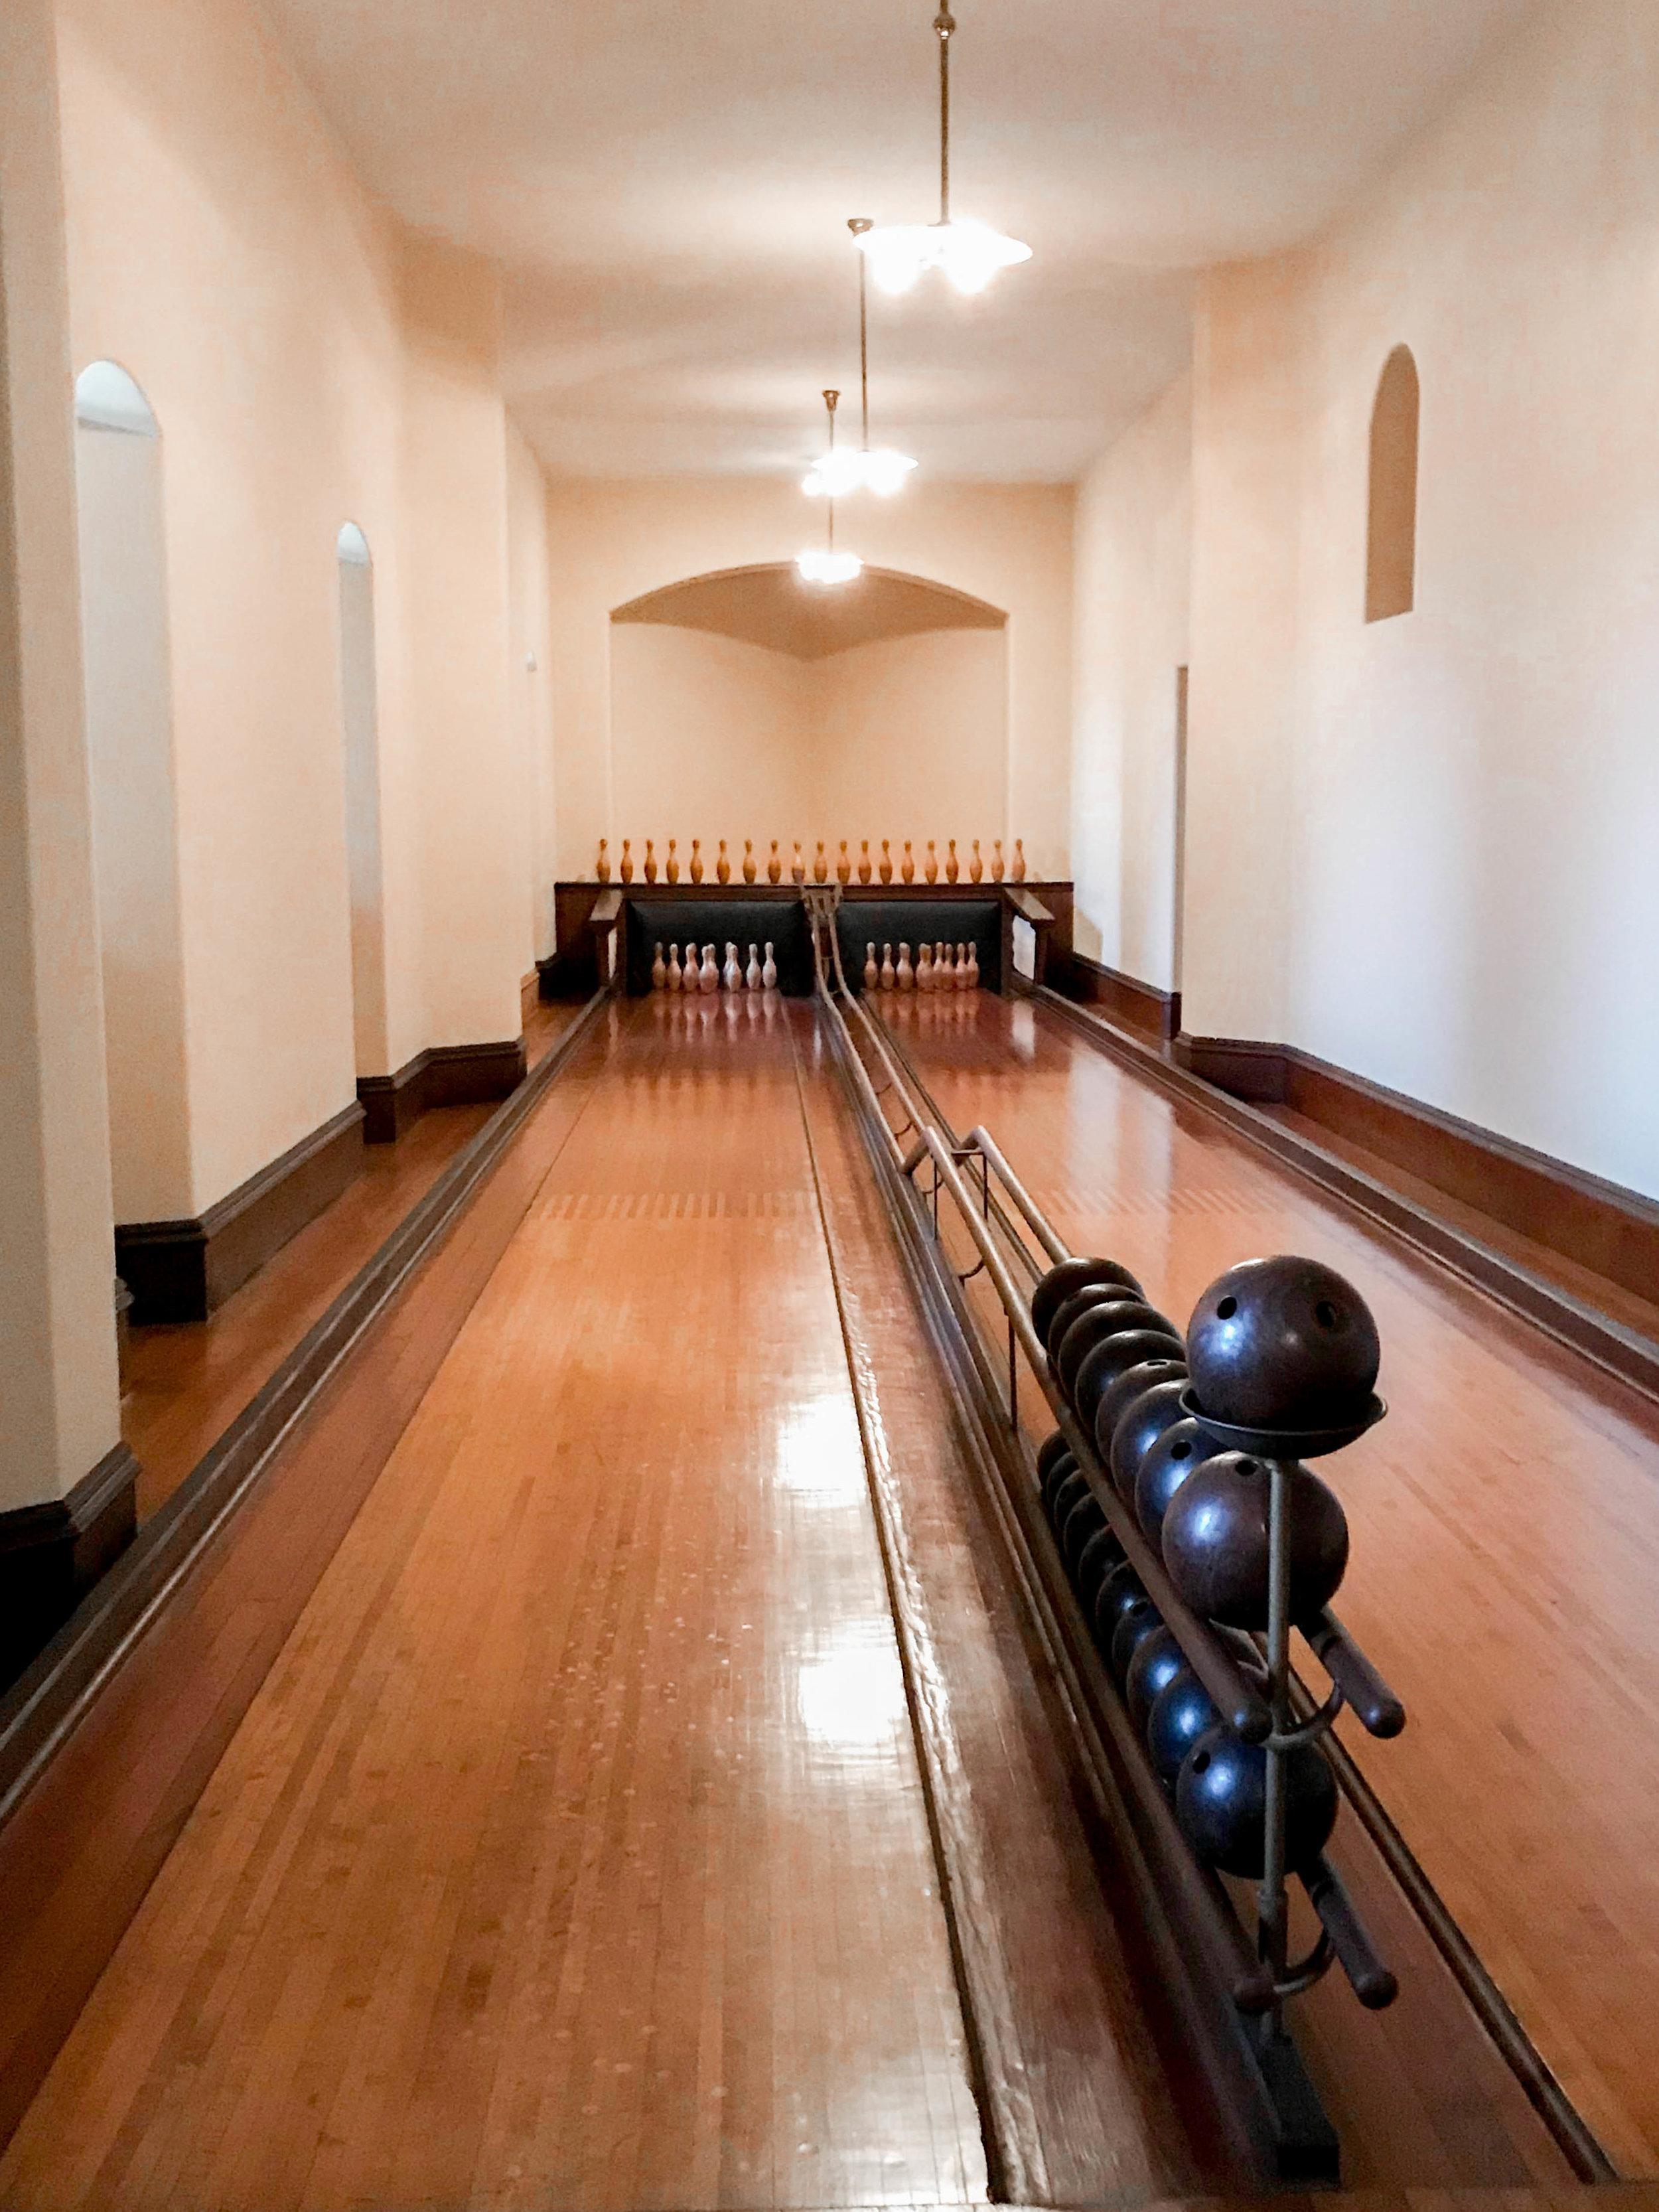 Bowling alley at Biltmore